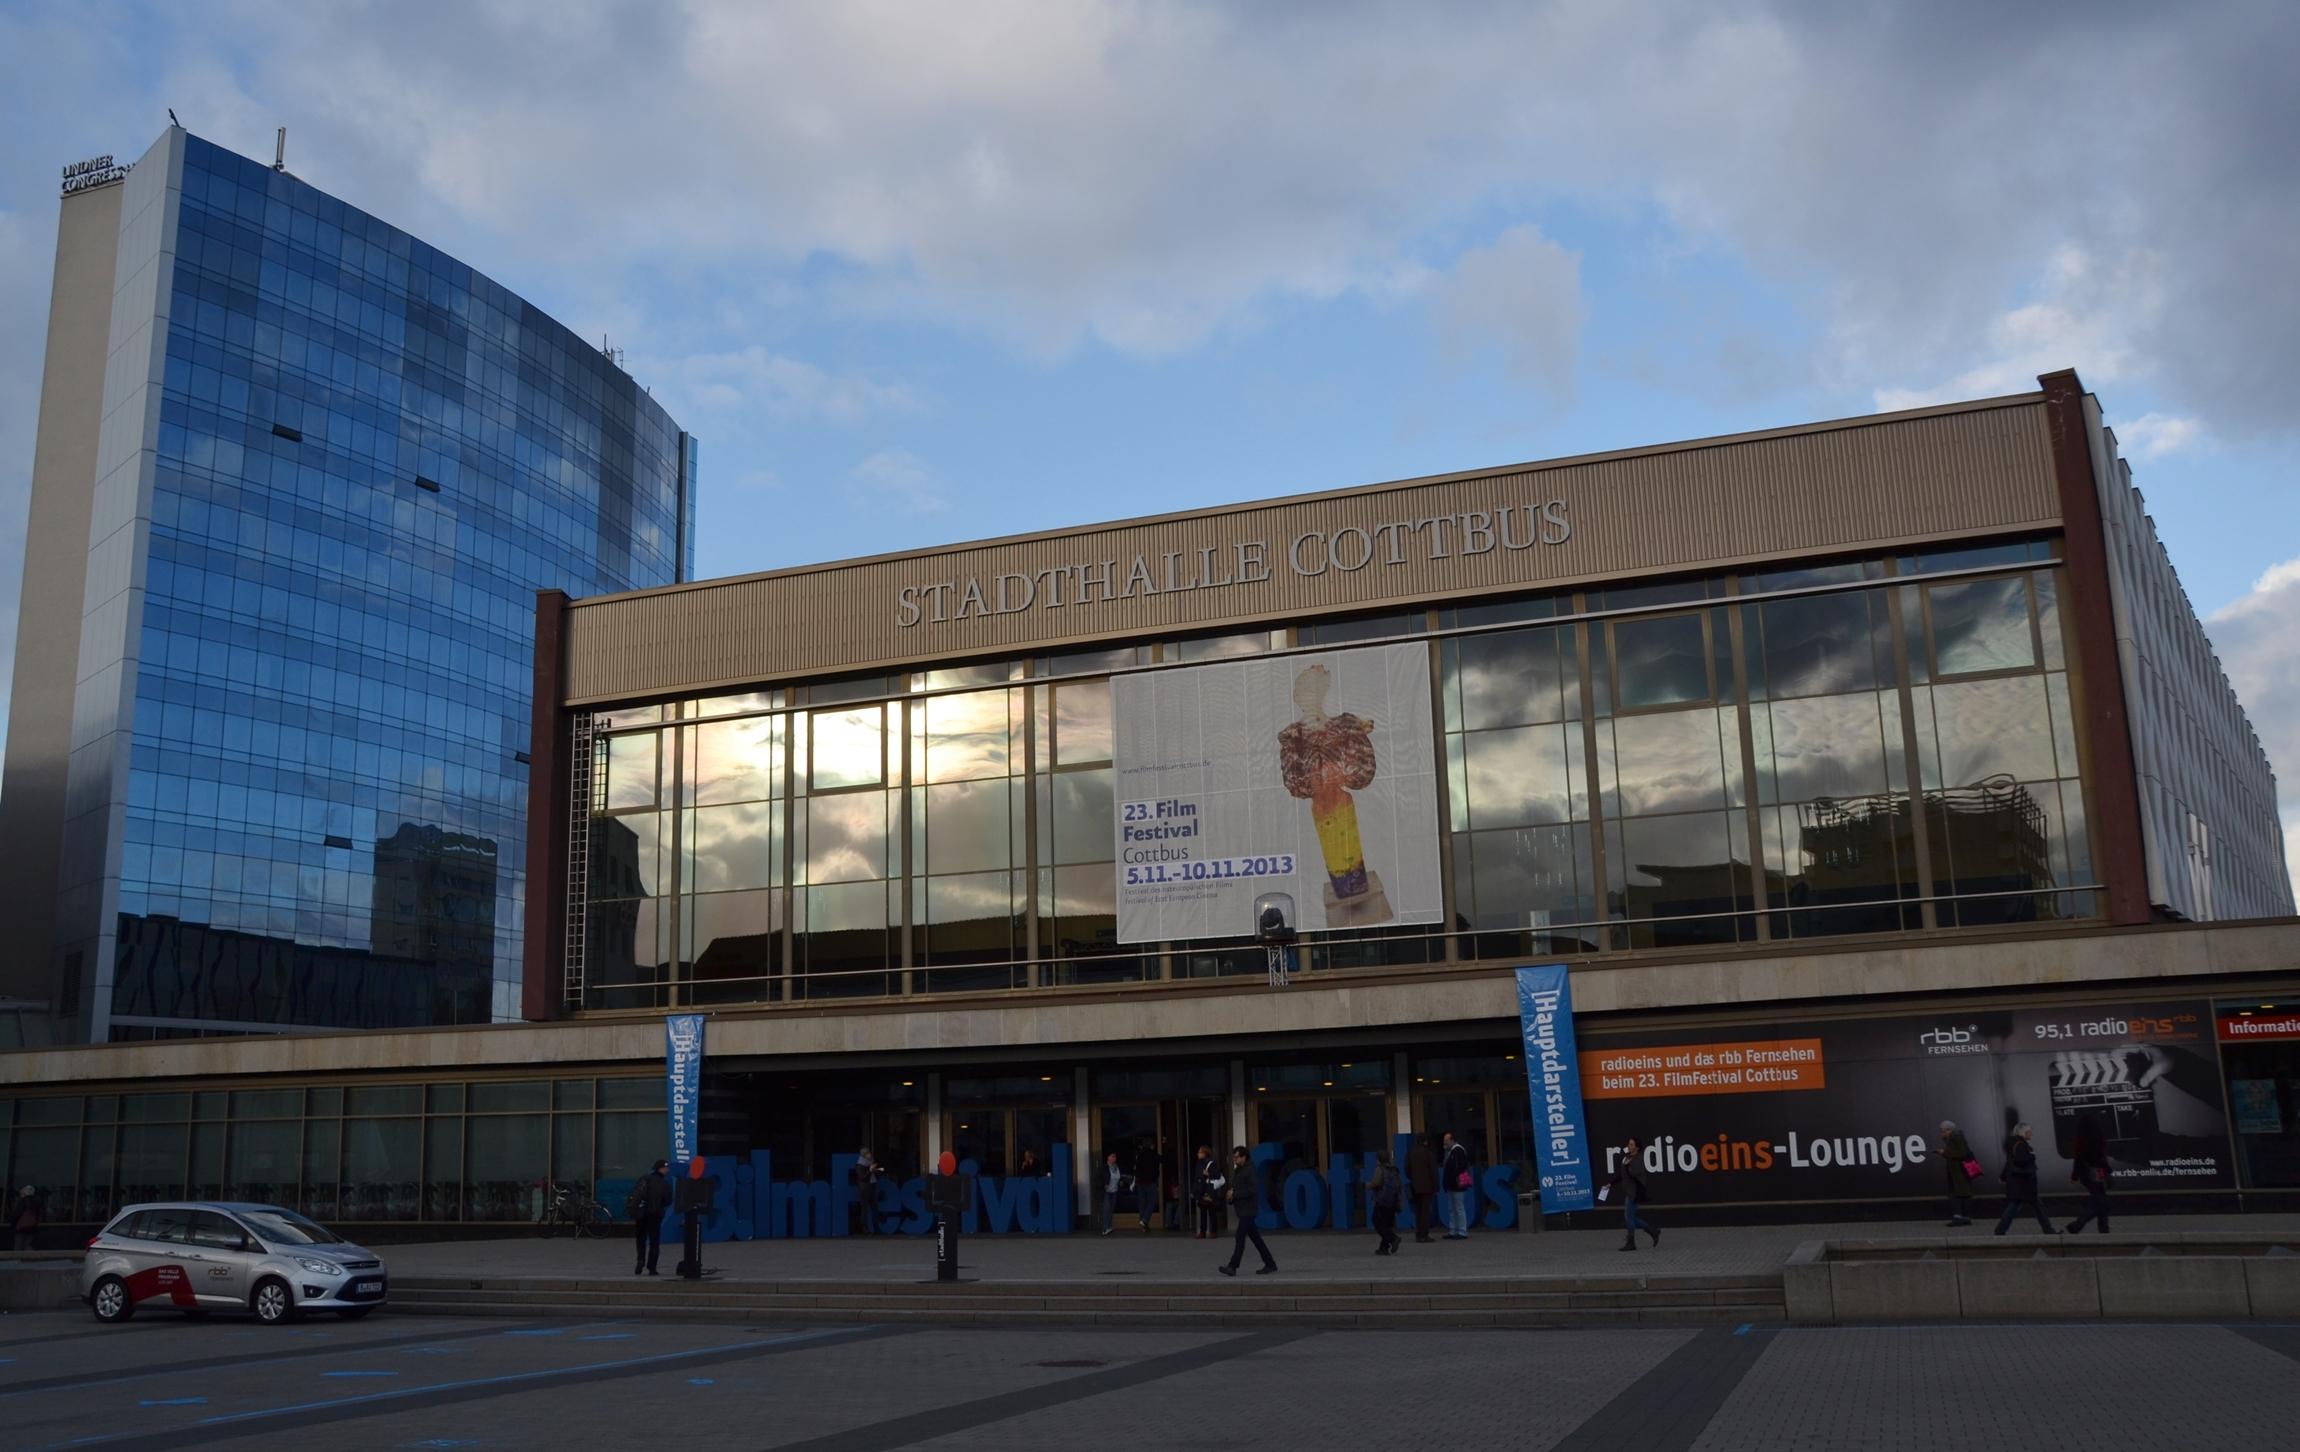 Stadthalle Cottbus enkelt parti